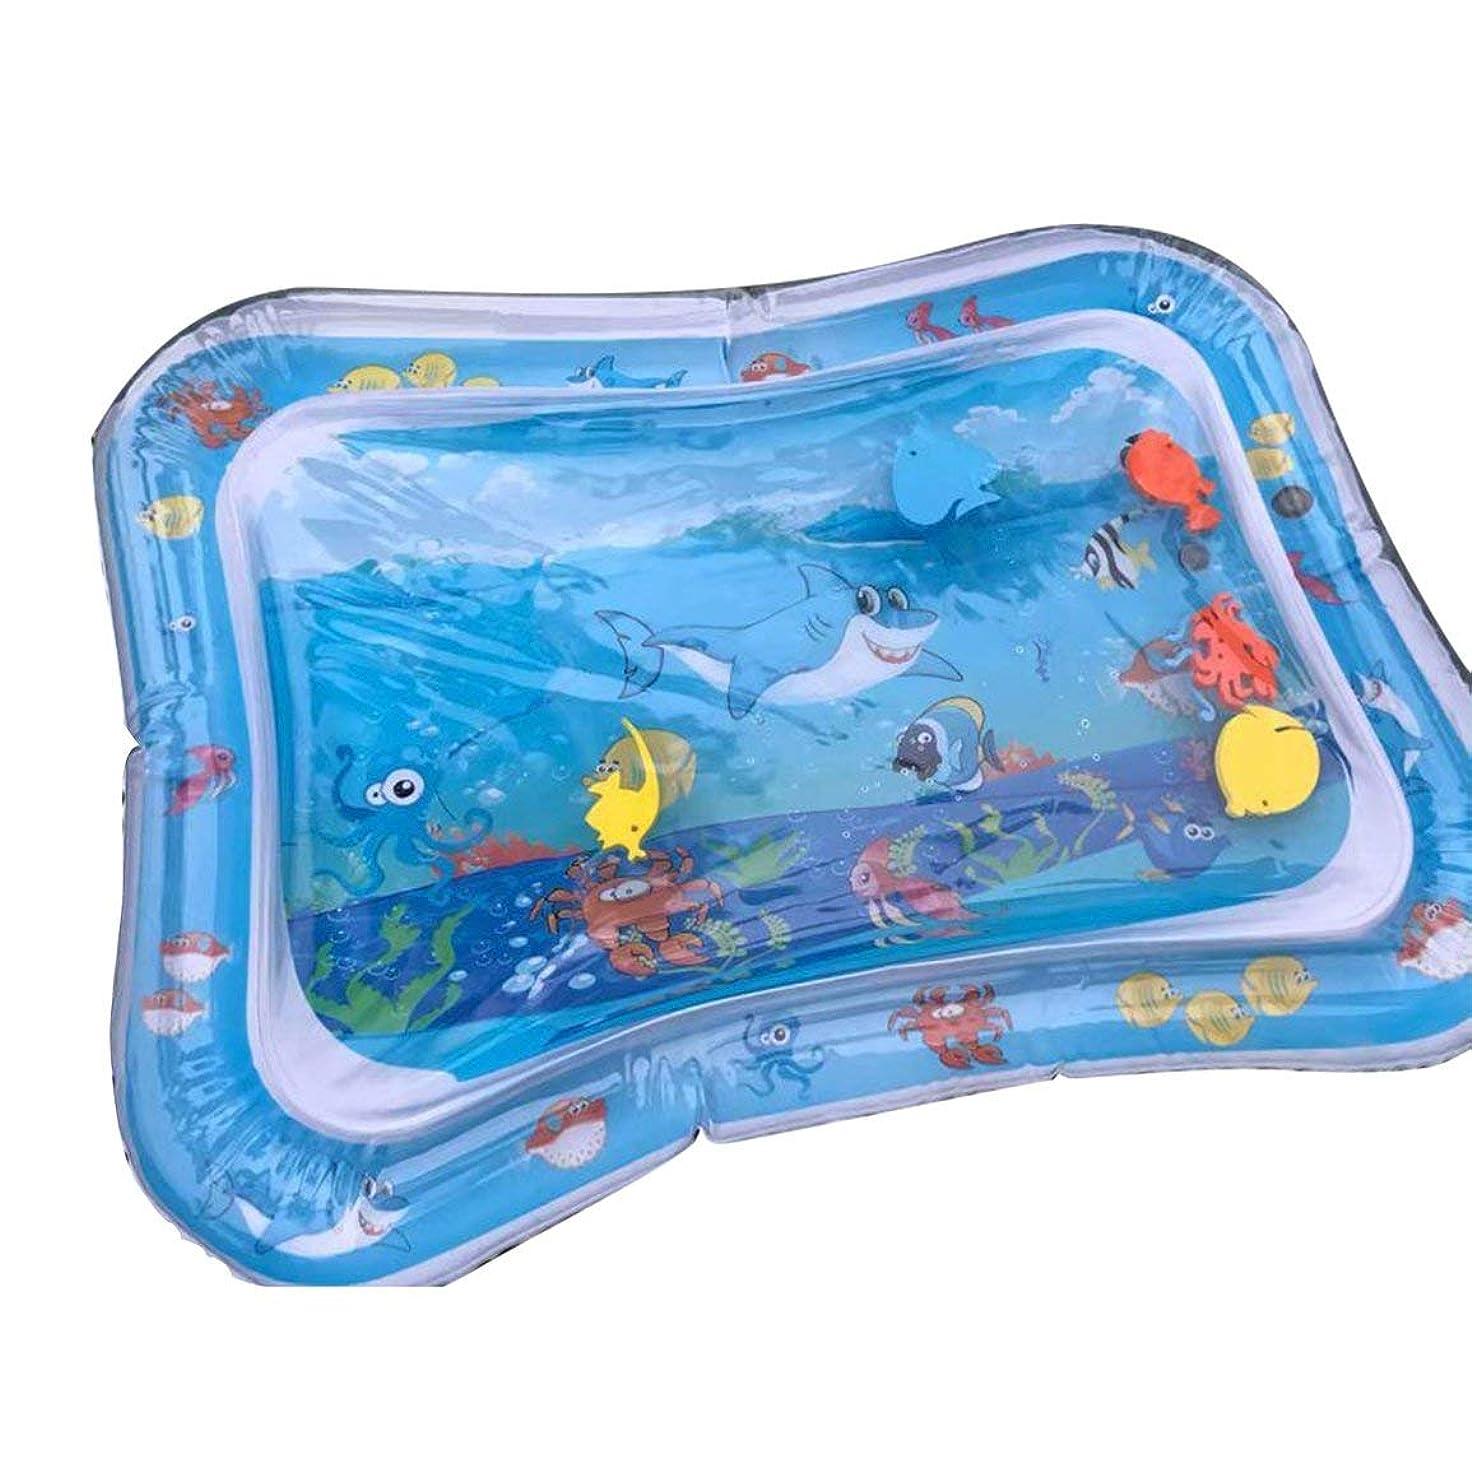 微妙アジャ微妙クリエイティブデュアルユース玩具ベビーインフレータブルノックパッドベビーウォーター枕前立腺水枕パットおもちゃSGS認証-ブルー